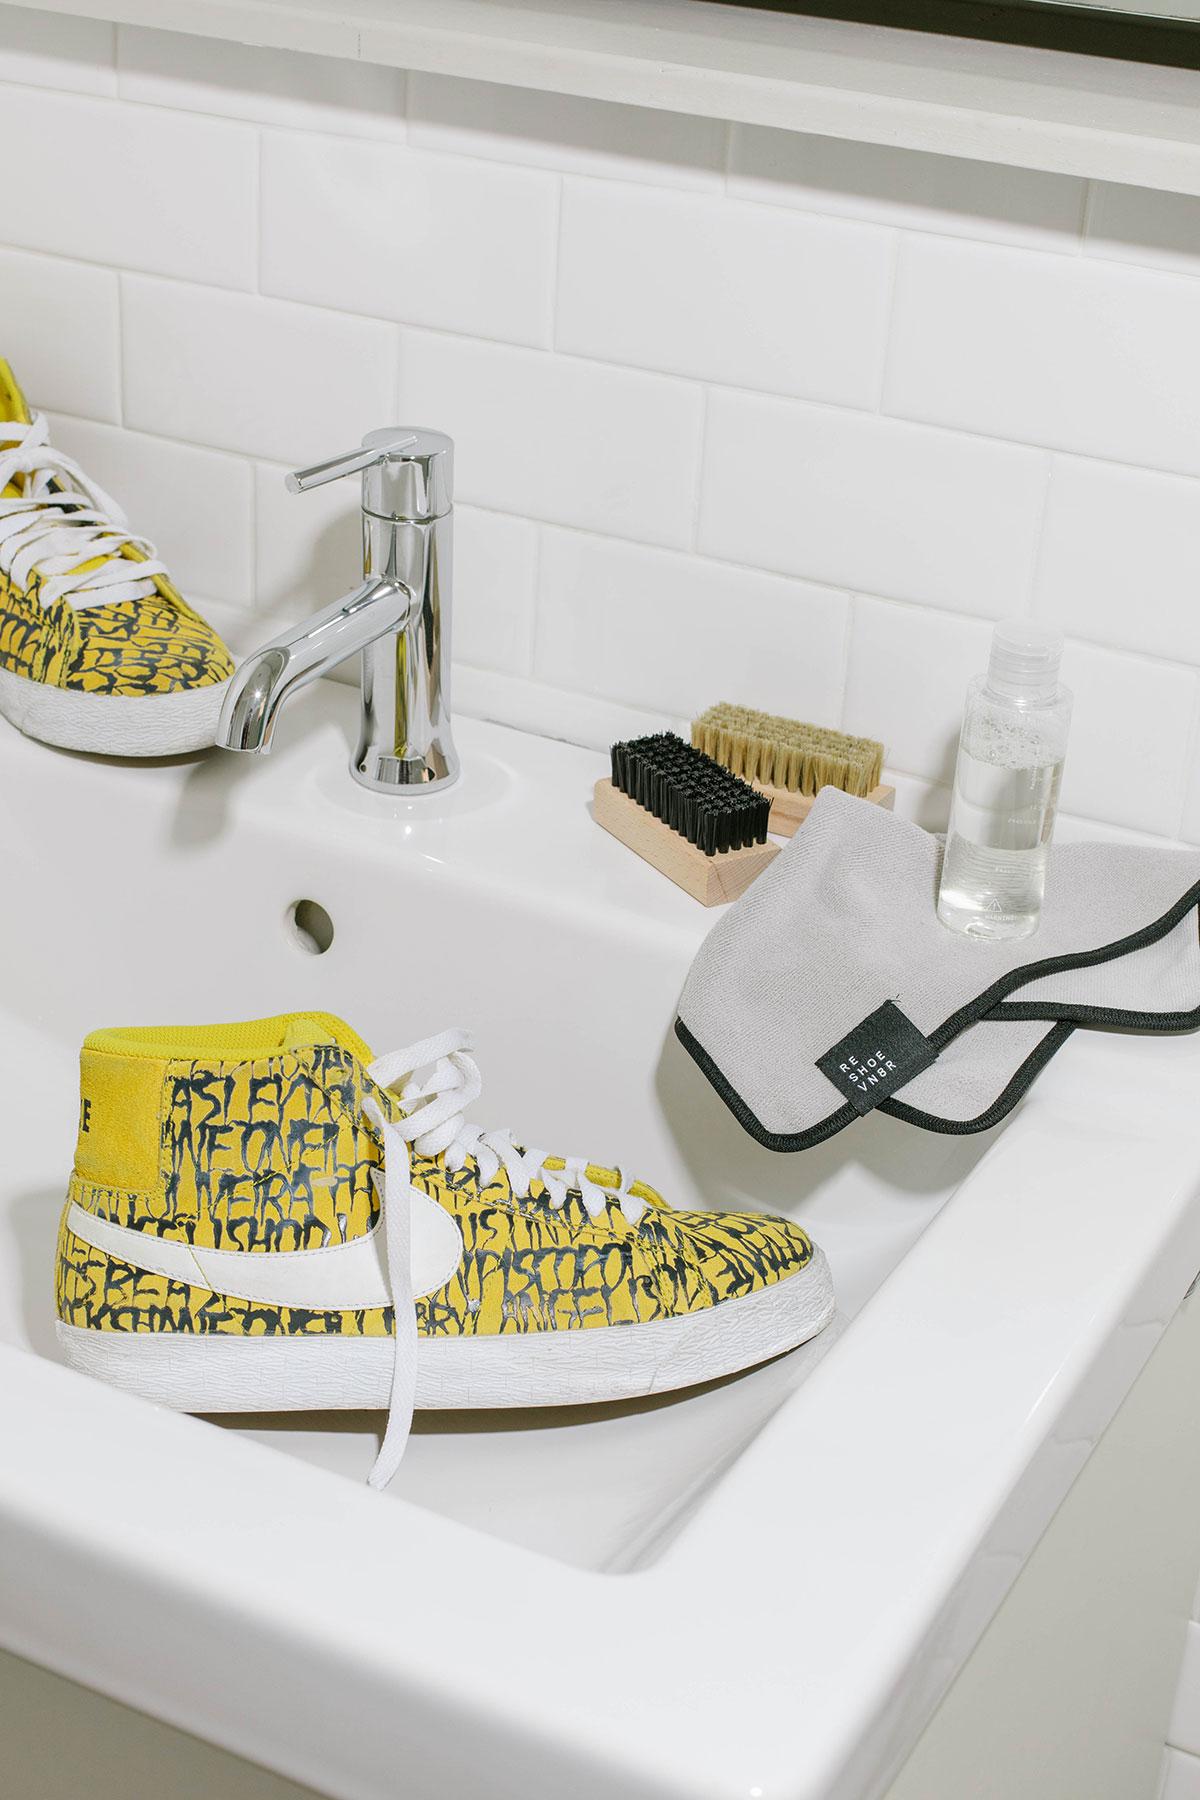 Reshoevn8r Shoe Care Clean Sneakers 2